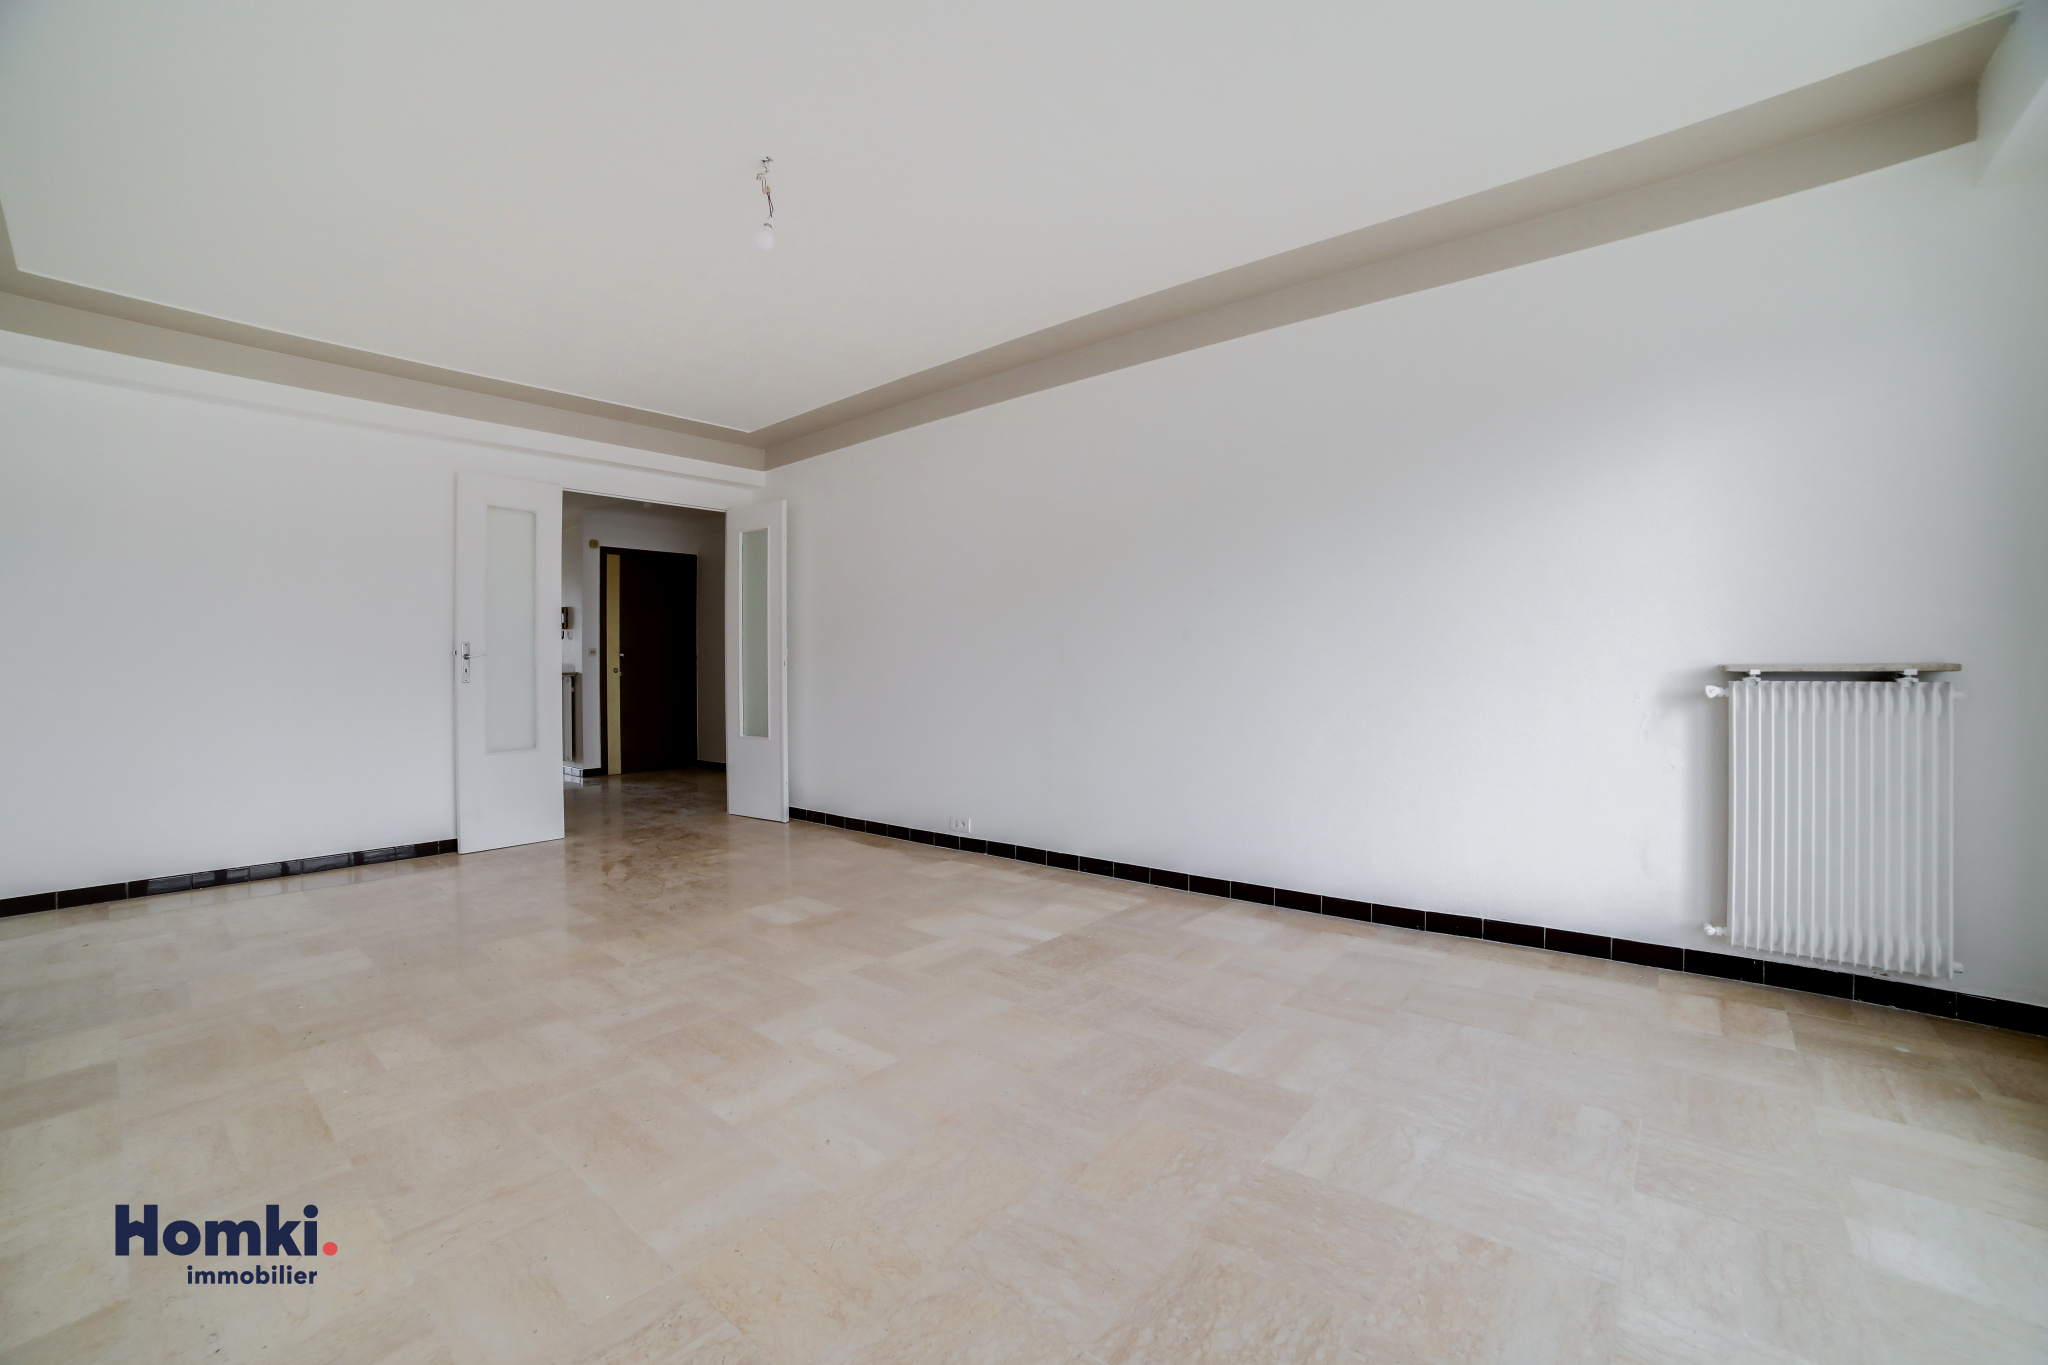 Homki - Vente appartement  de 90.0 m² à antibes 06600